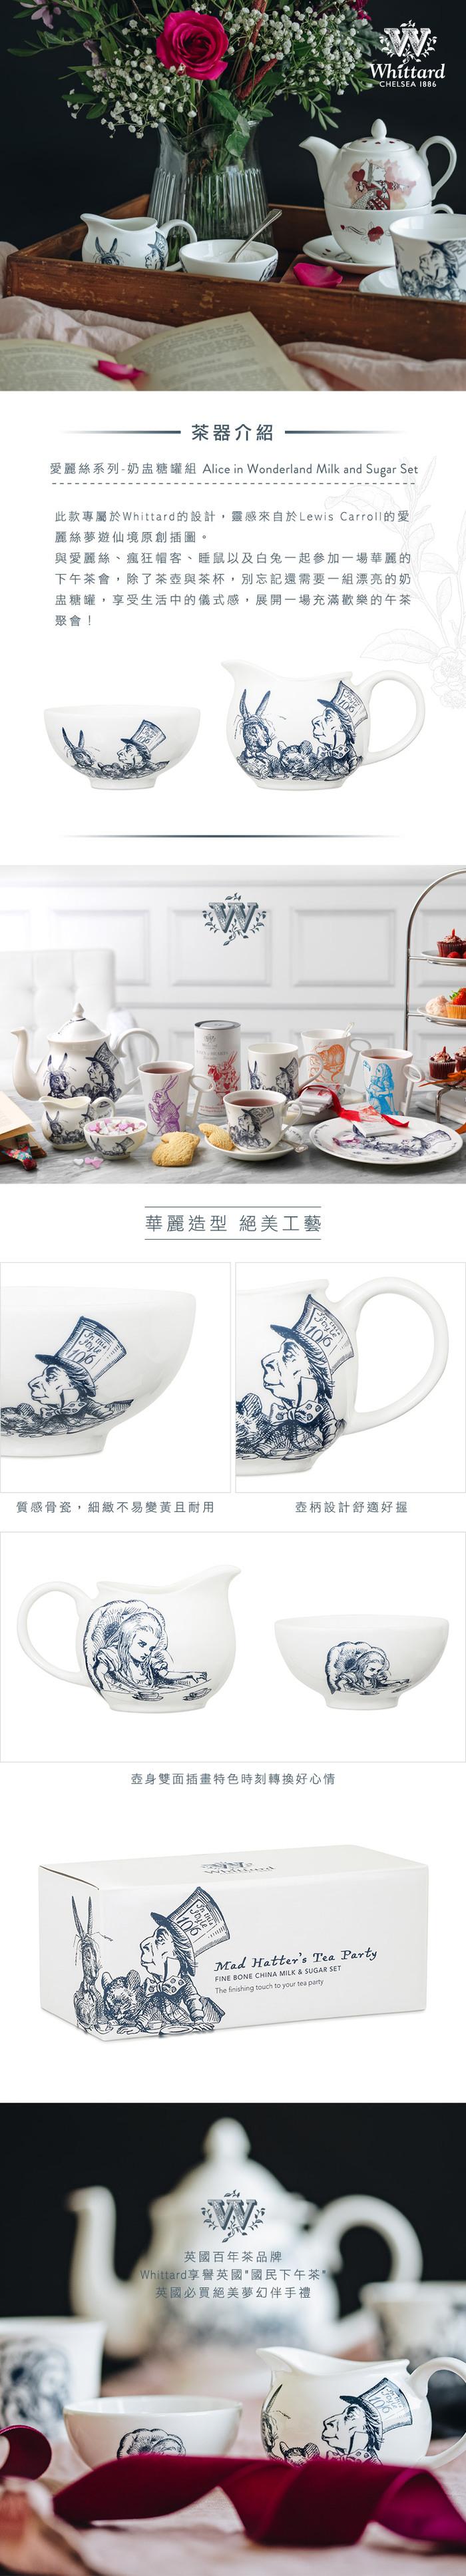 (複製)Whittard|伯爵茶系列-茶壺